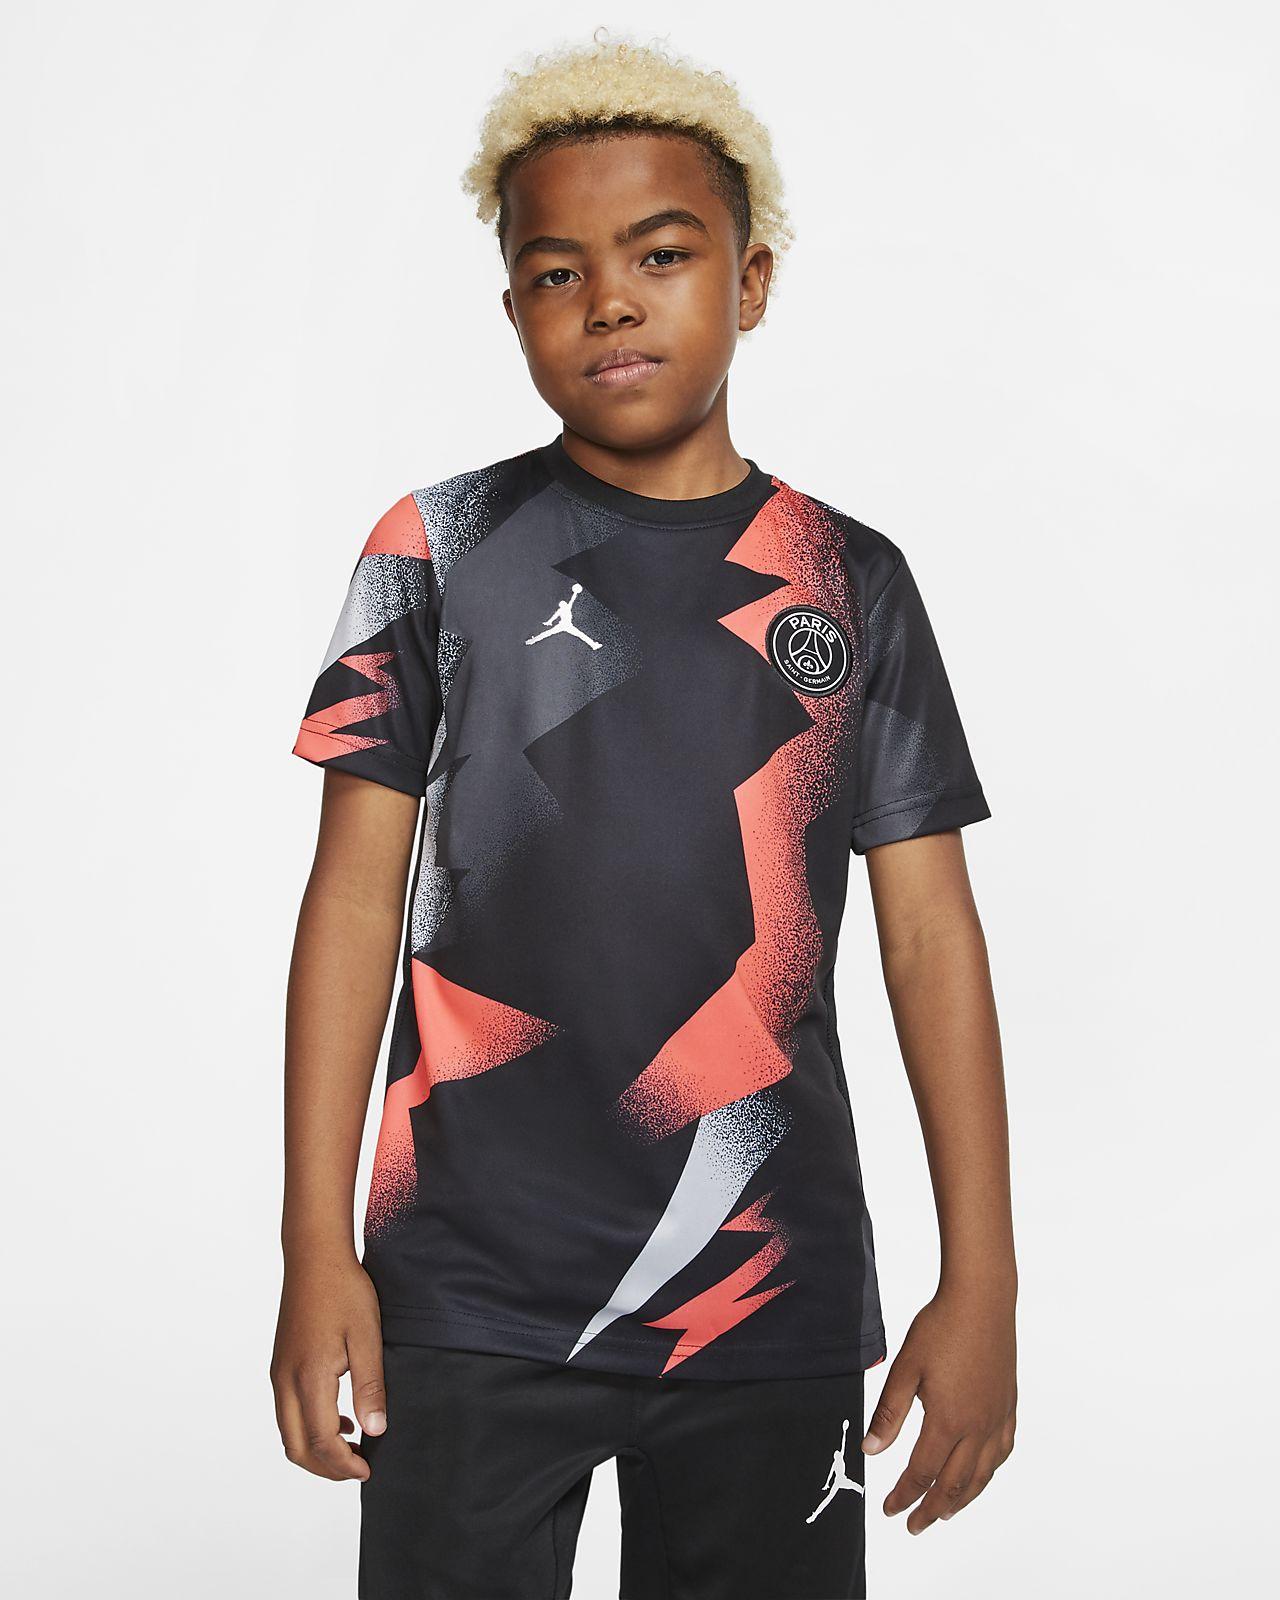 Fotbalové tričko Paris Saint-Germain s krátkým rukávem pro děti